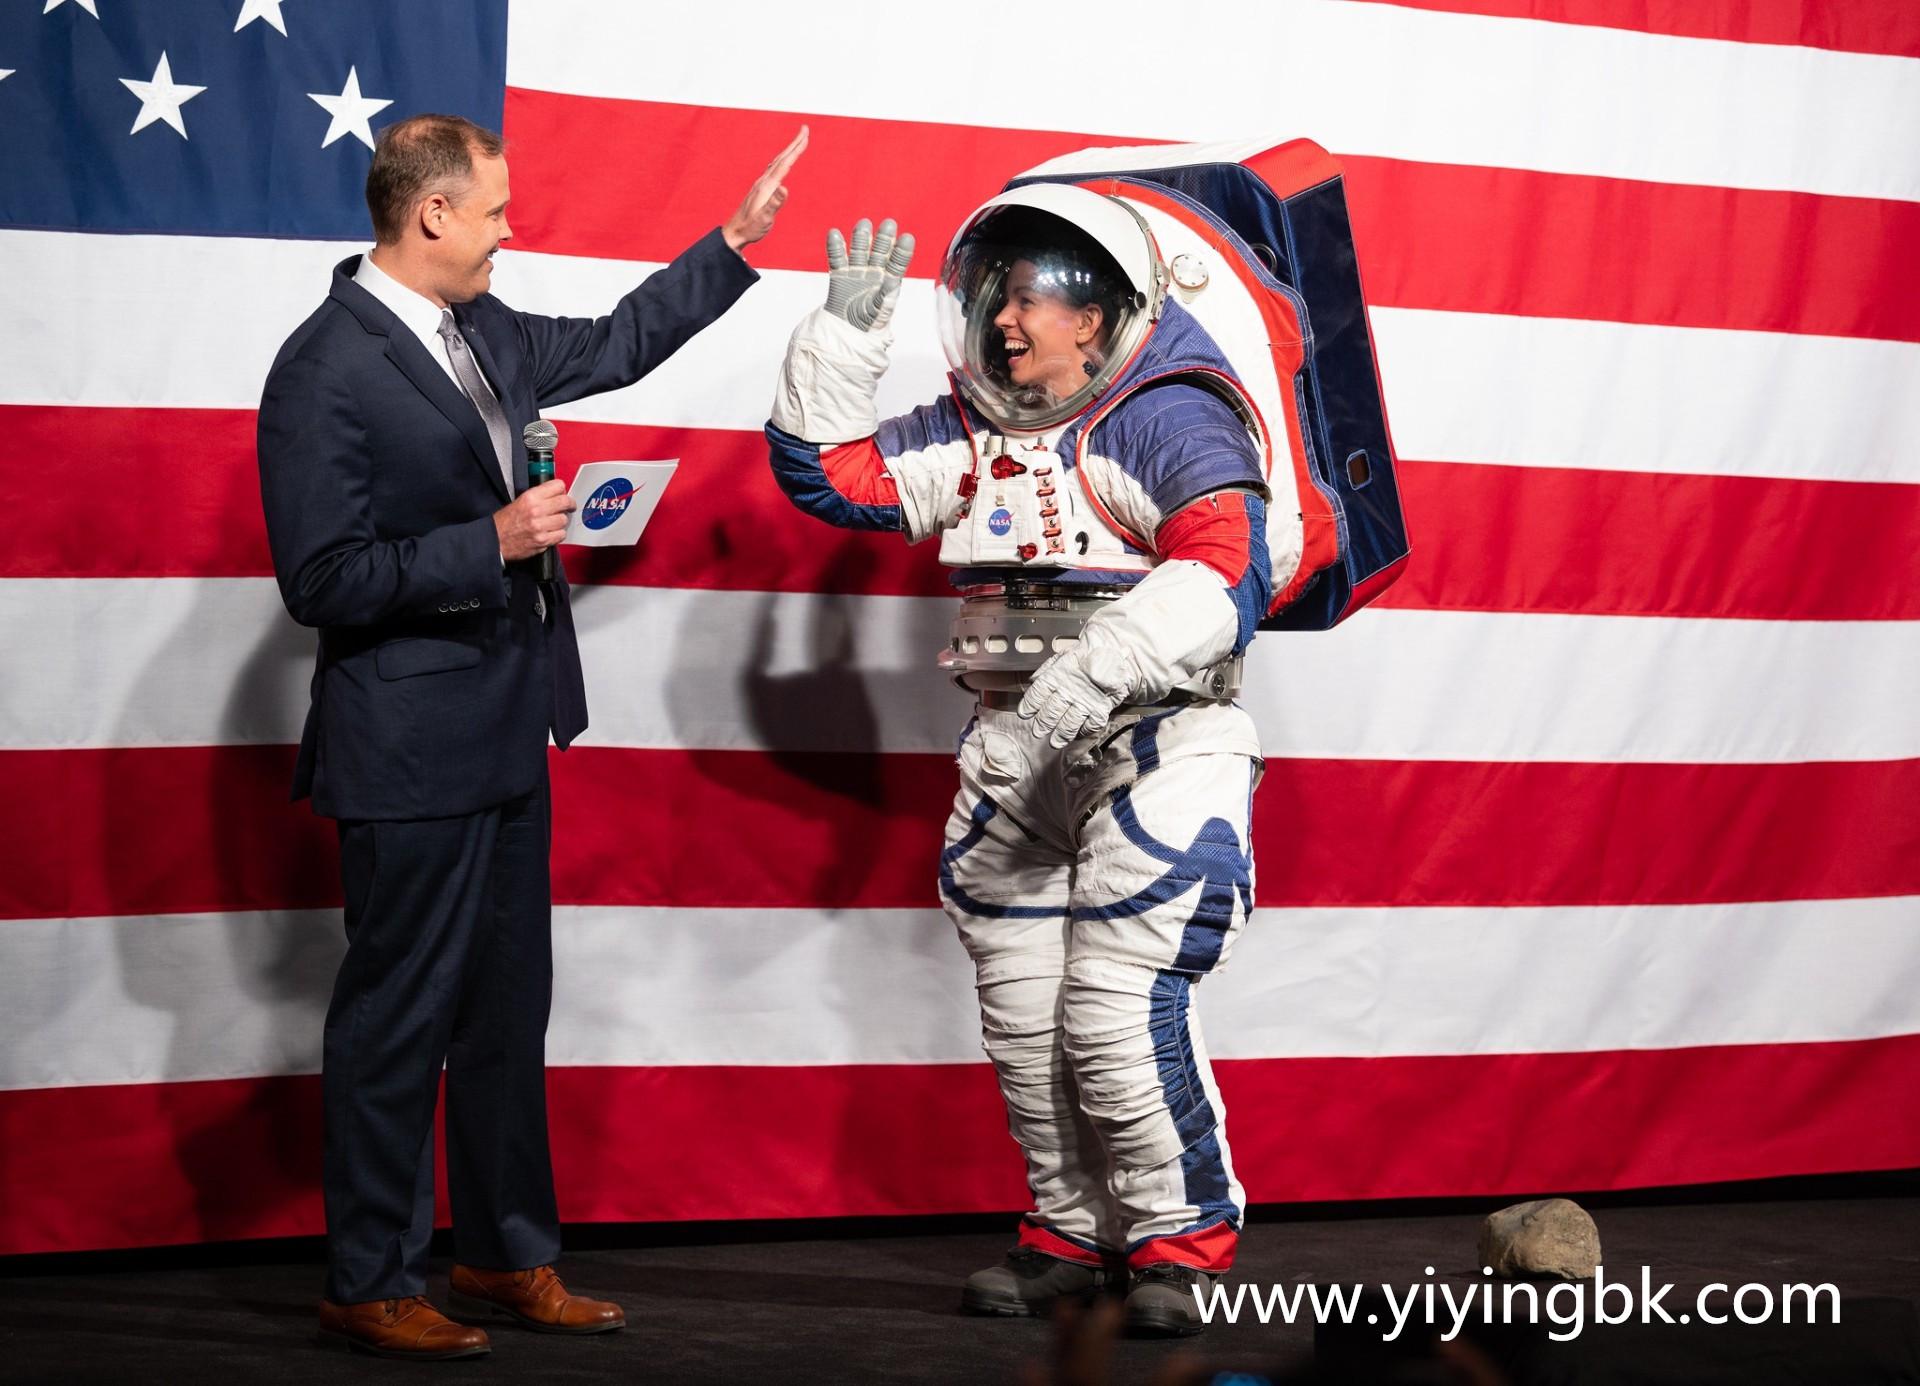 NASA宇宙探索公司:公布下一代宇航服造型,准备用于重返月球计划!